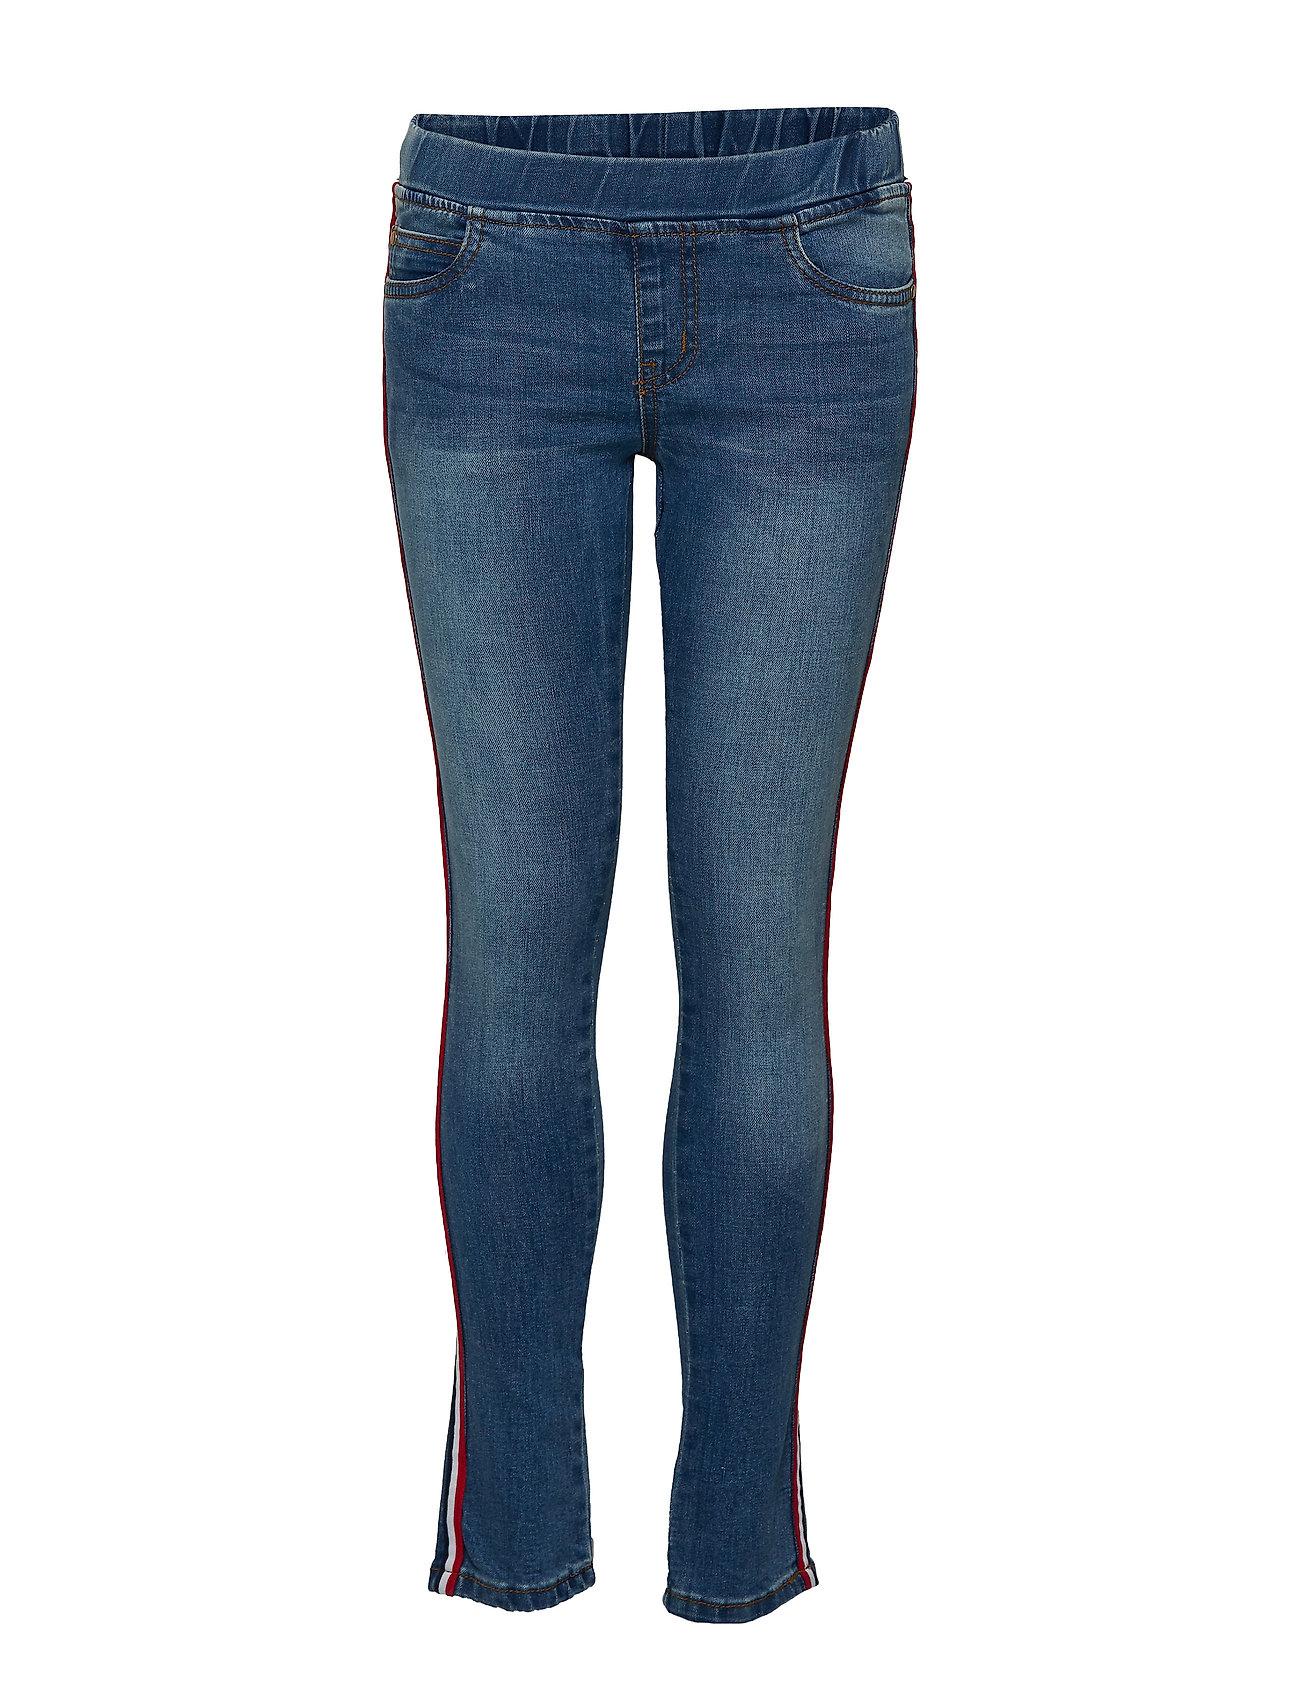 The New KAZY GLEE PANTS - LIGHT BLUE DENIM